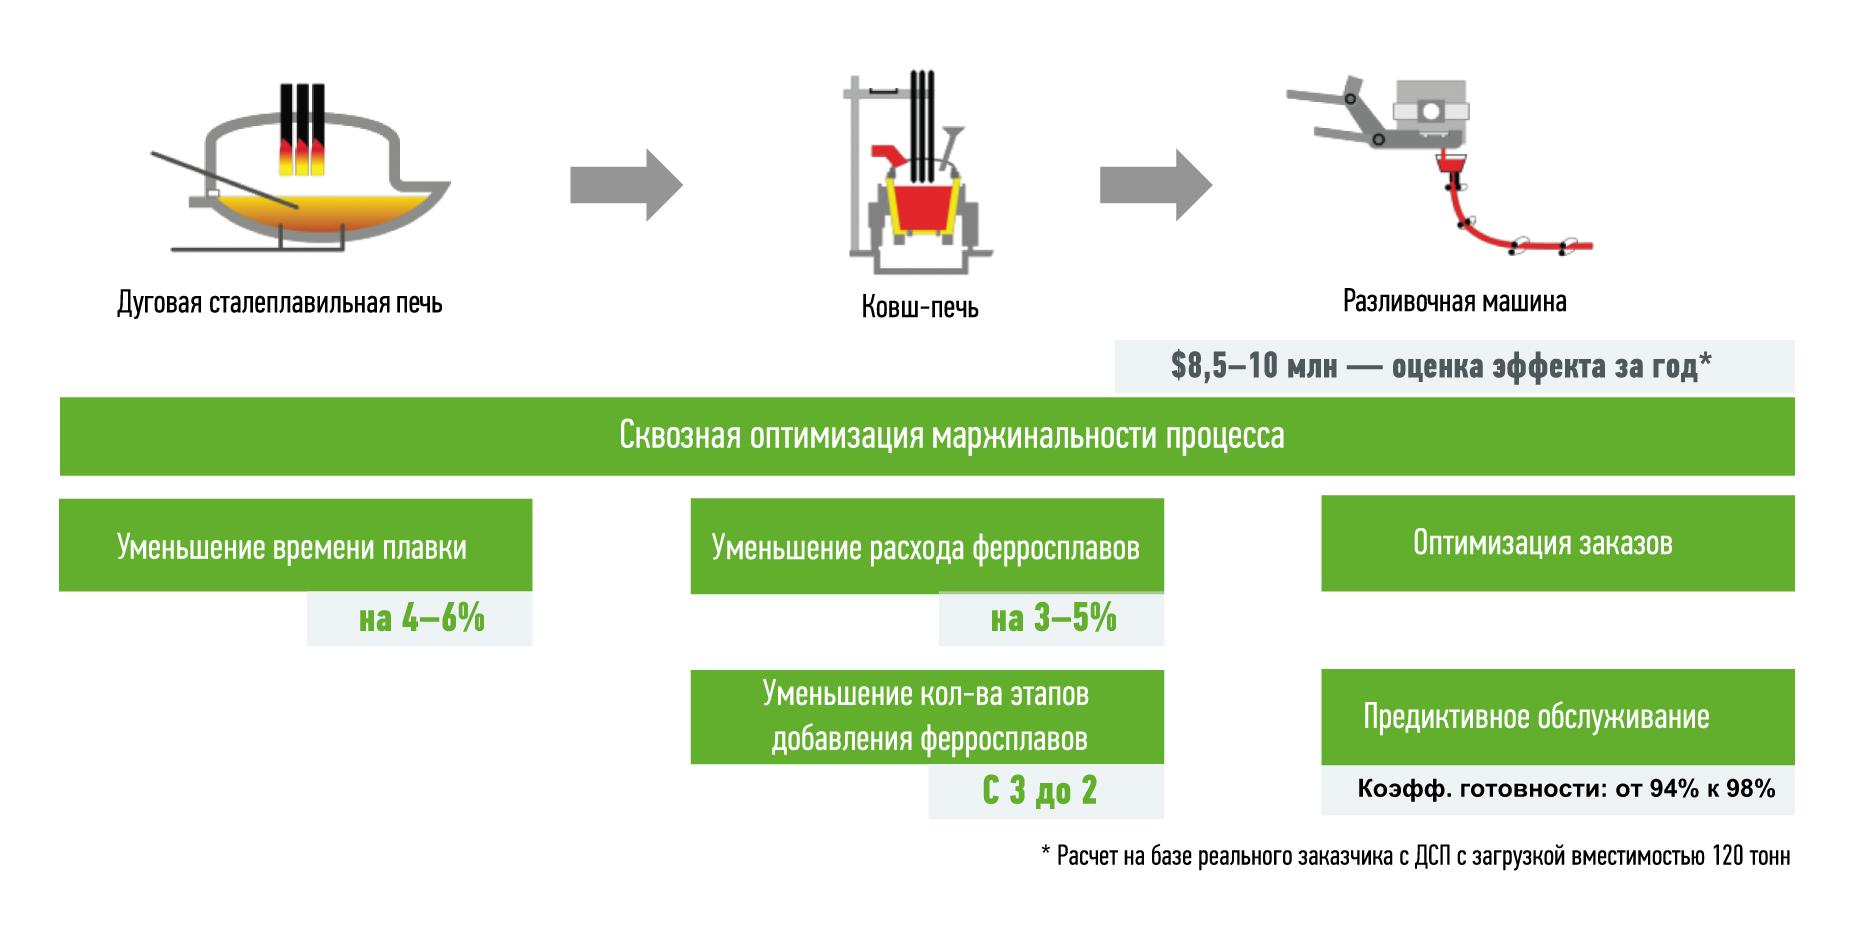 Проект Z.Smelting: экономический эффект для заказчика